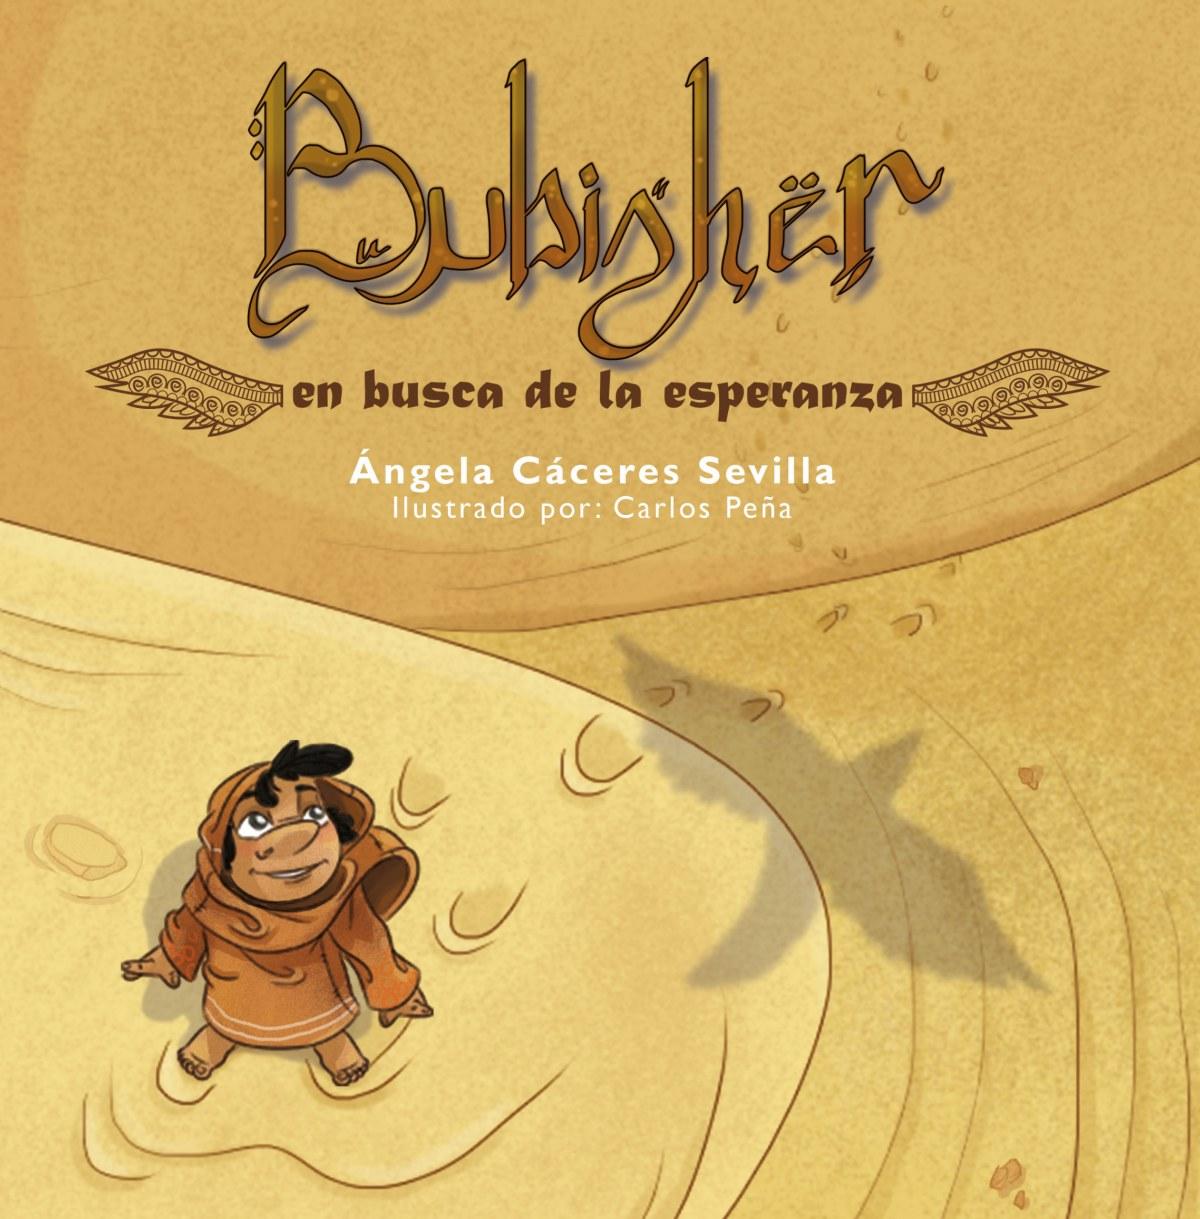 Bubisher